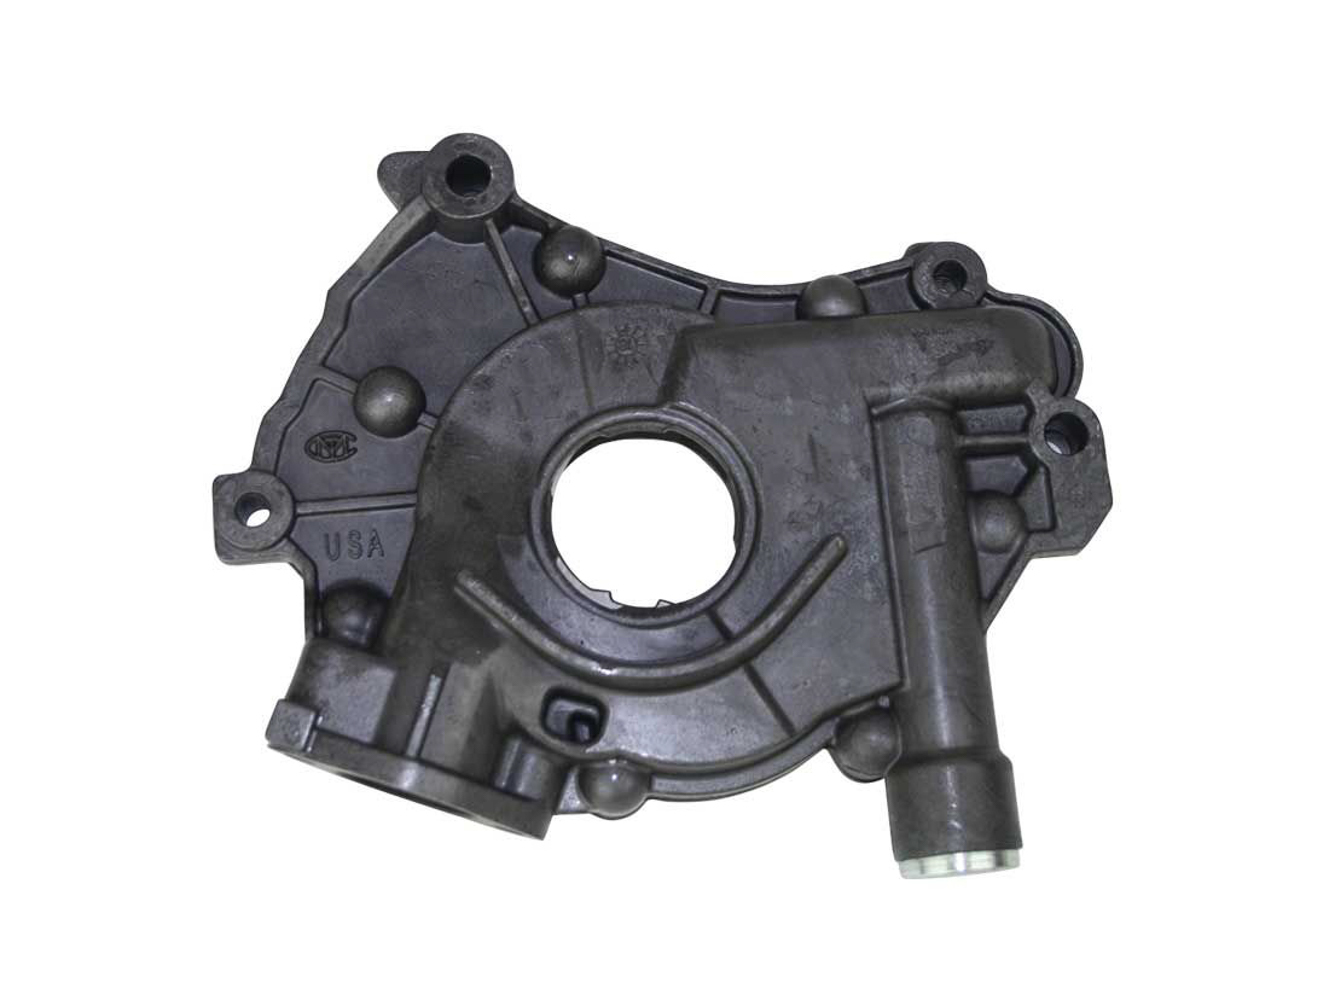 Moroso 22203 Oil Pump, Wet Sump, Internal, High Volume, Ford Coyote / Voodoo, Each